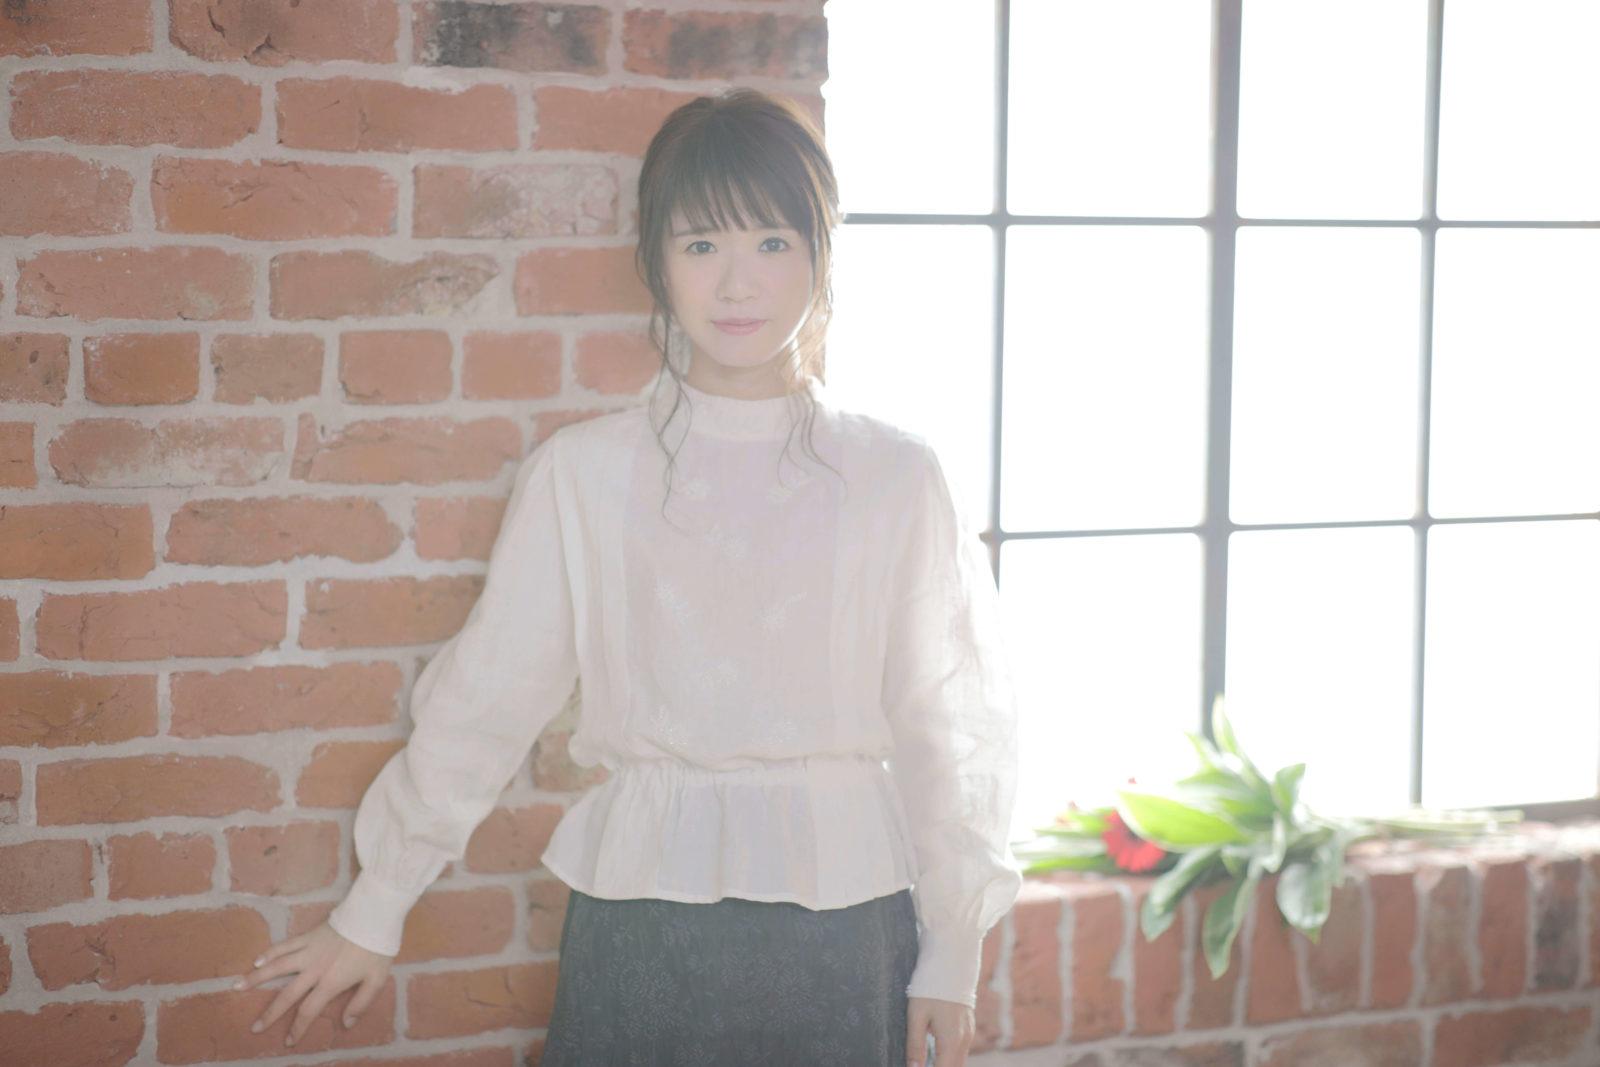 藤田麻衣子、NHK「みんなのうた」書き下ろし楽曲「wish ~キボウ~」CDリリース決定サムネイル画像